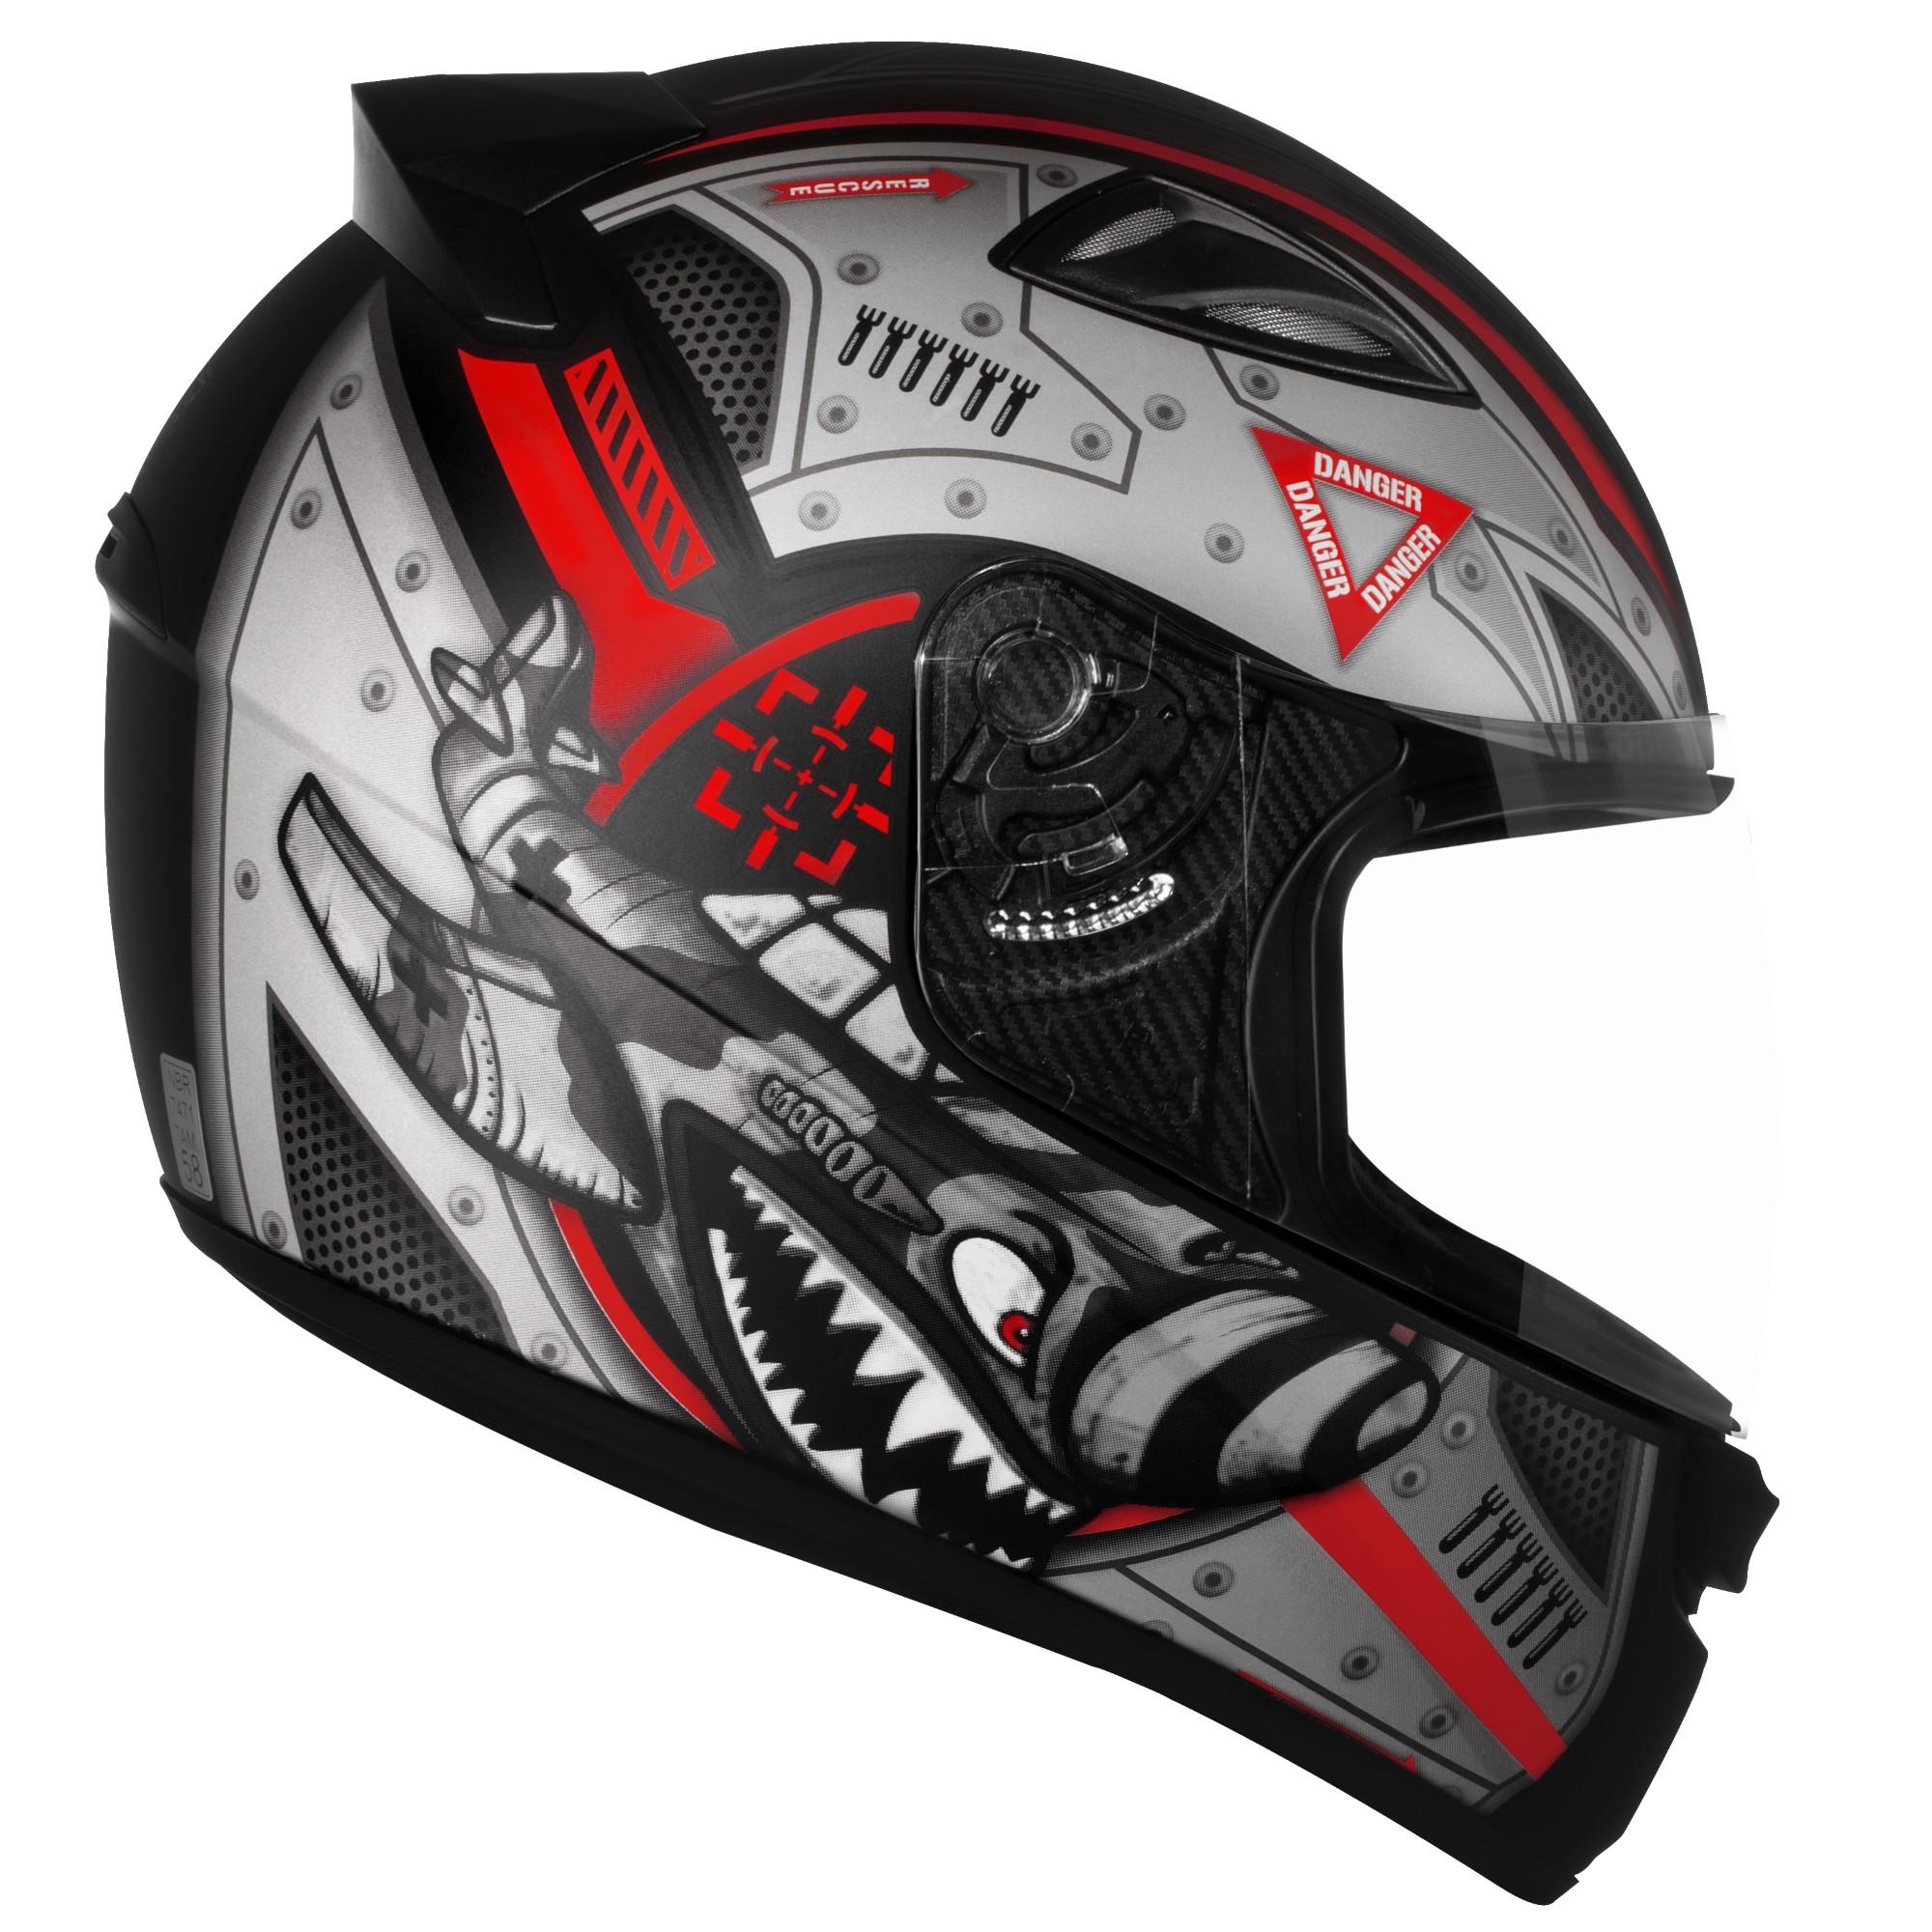 Capacete para Motociclista Integral G L Ebf Capacetes - 6060